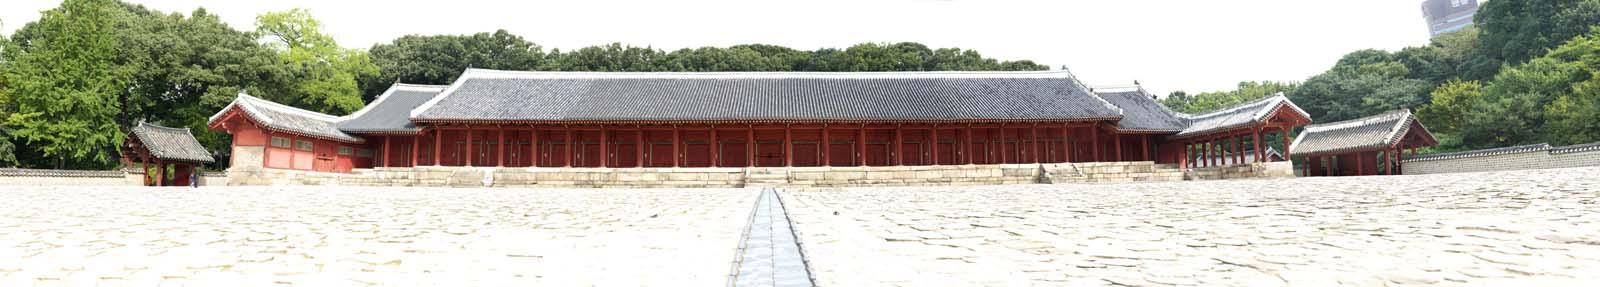 fotografia, material, livra, ajardine, imagine, proveja fotografia,Tadashi do mausoléu ancestral da Família Imperial, Santuário de Jongmyo, Religiosos consertam, Primeiro o imperador, o Templo Ancestral Imperial